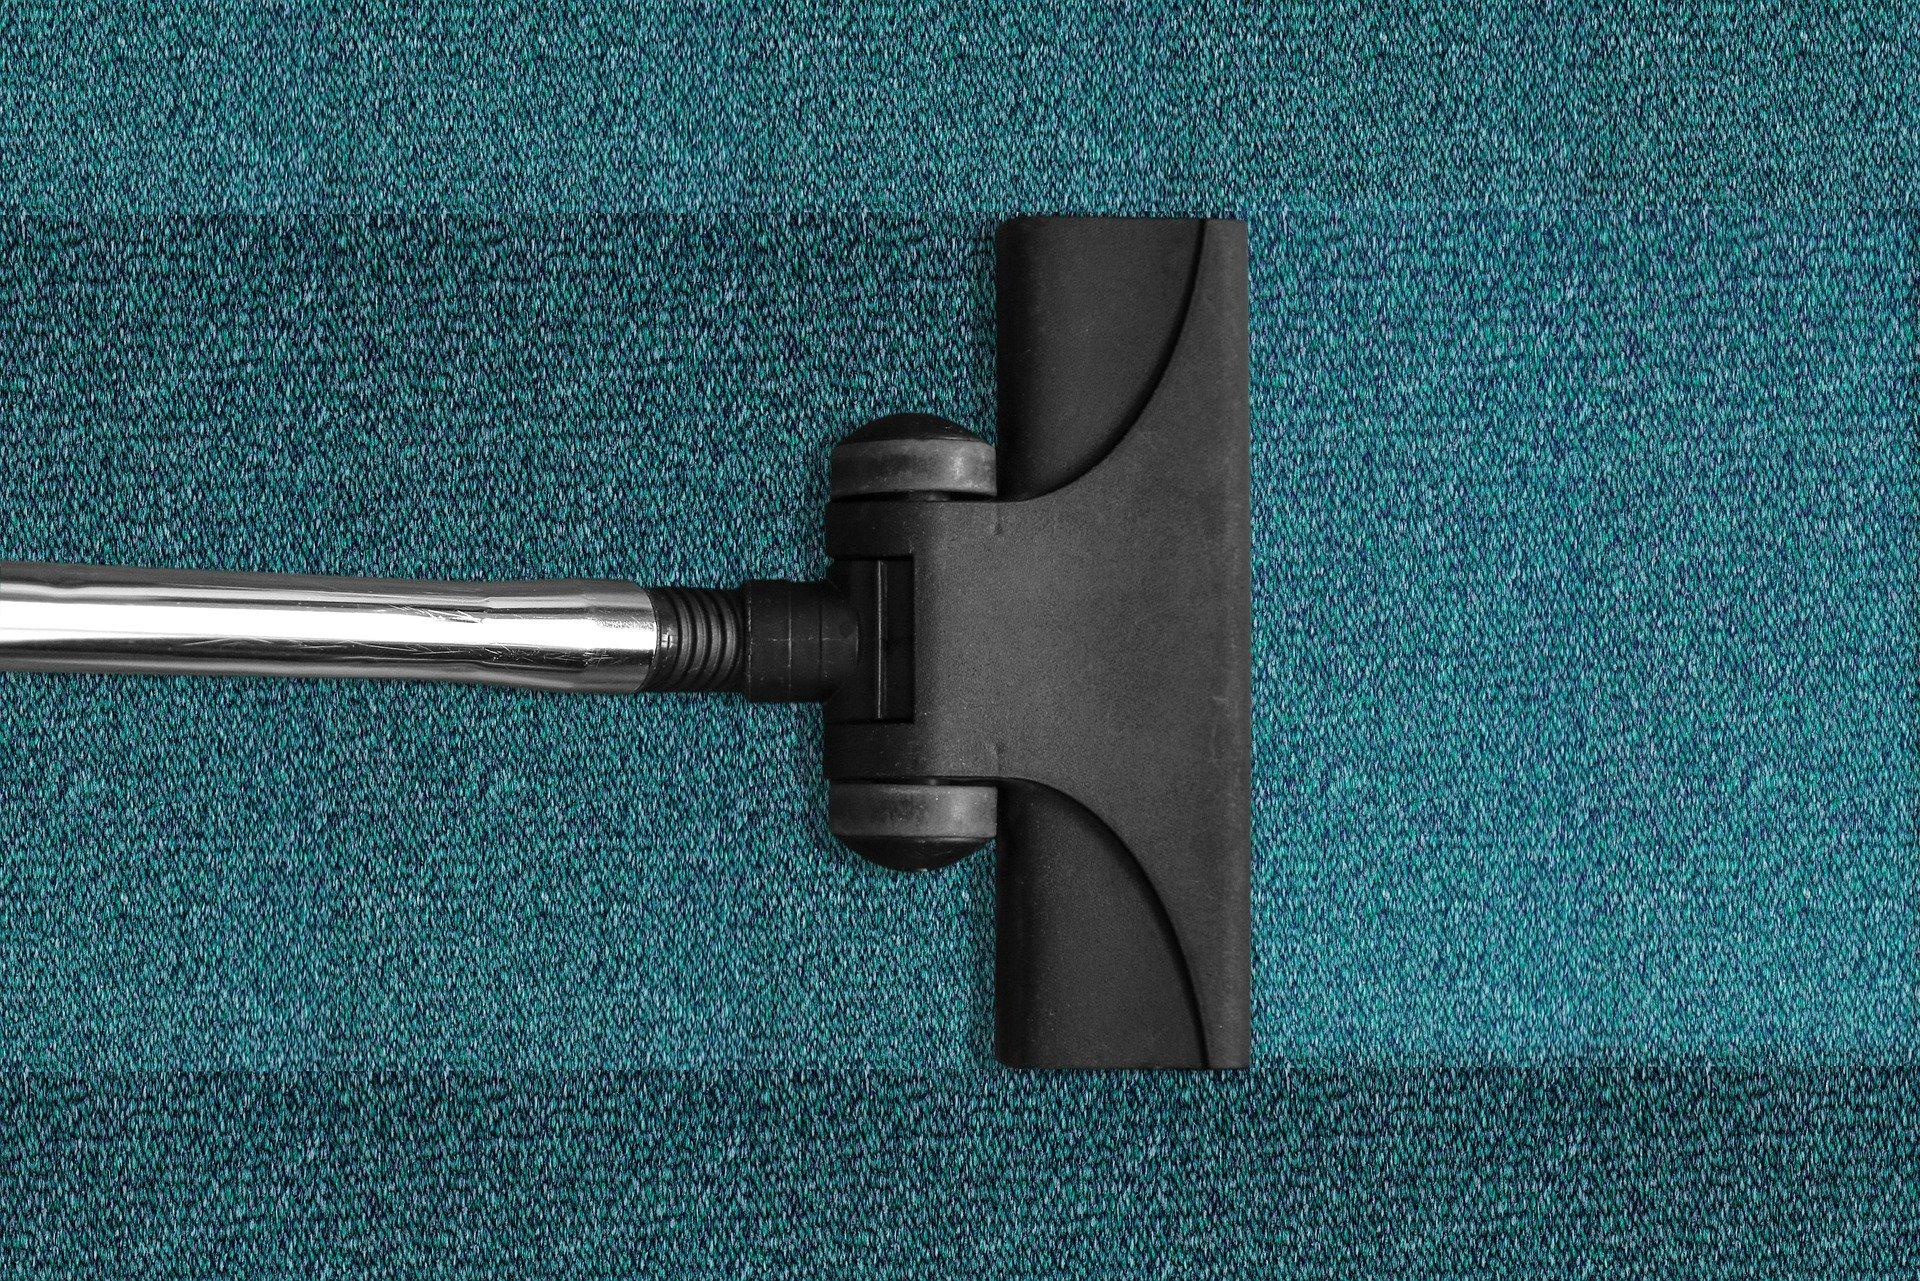 Teppich / Polsterreinigung